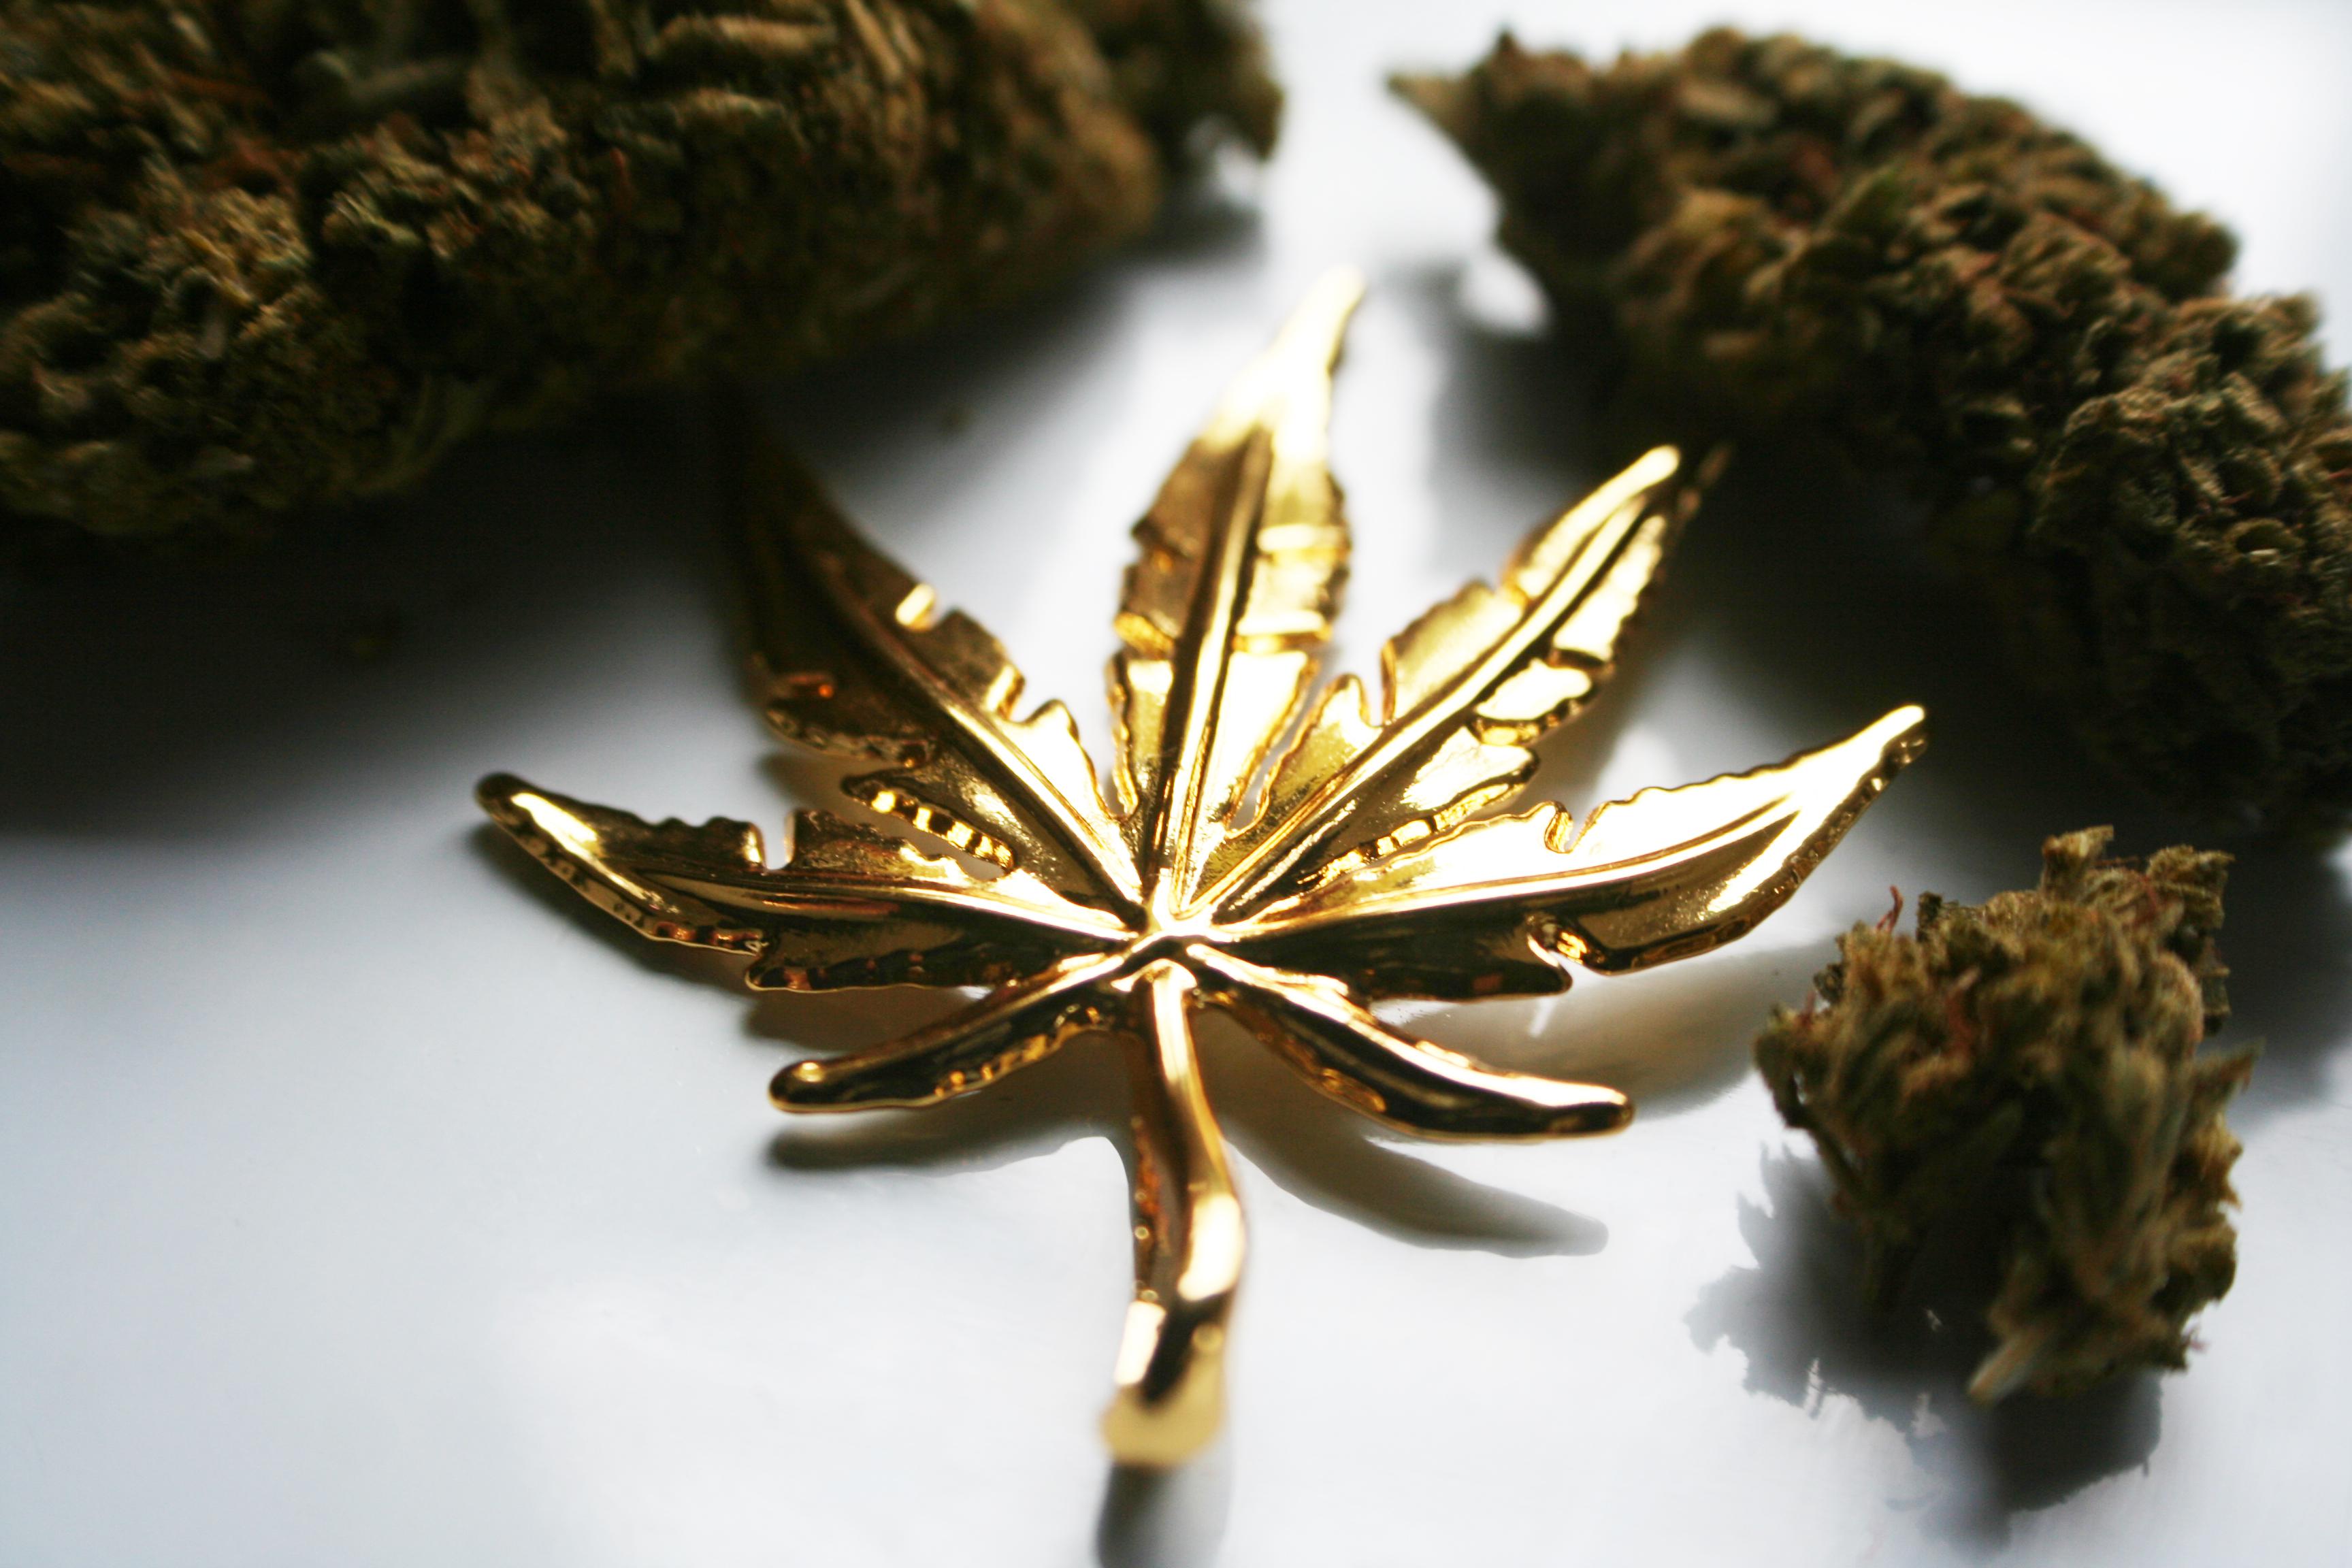 A gold marijuana leaf on a table beside marijuana buds.